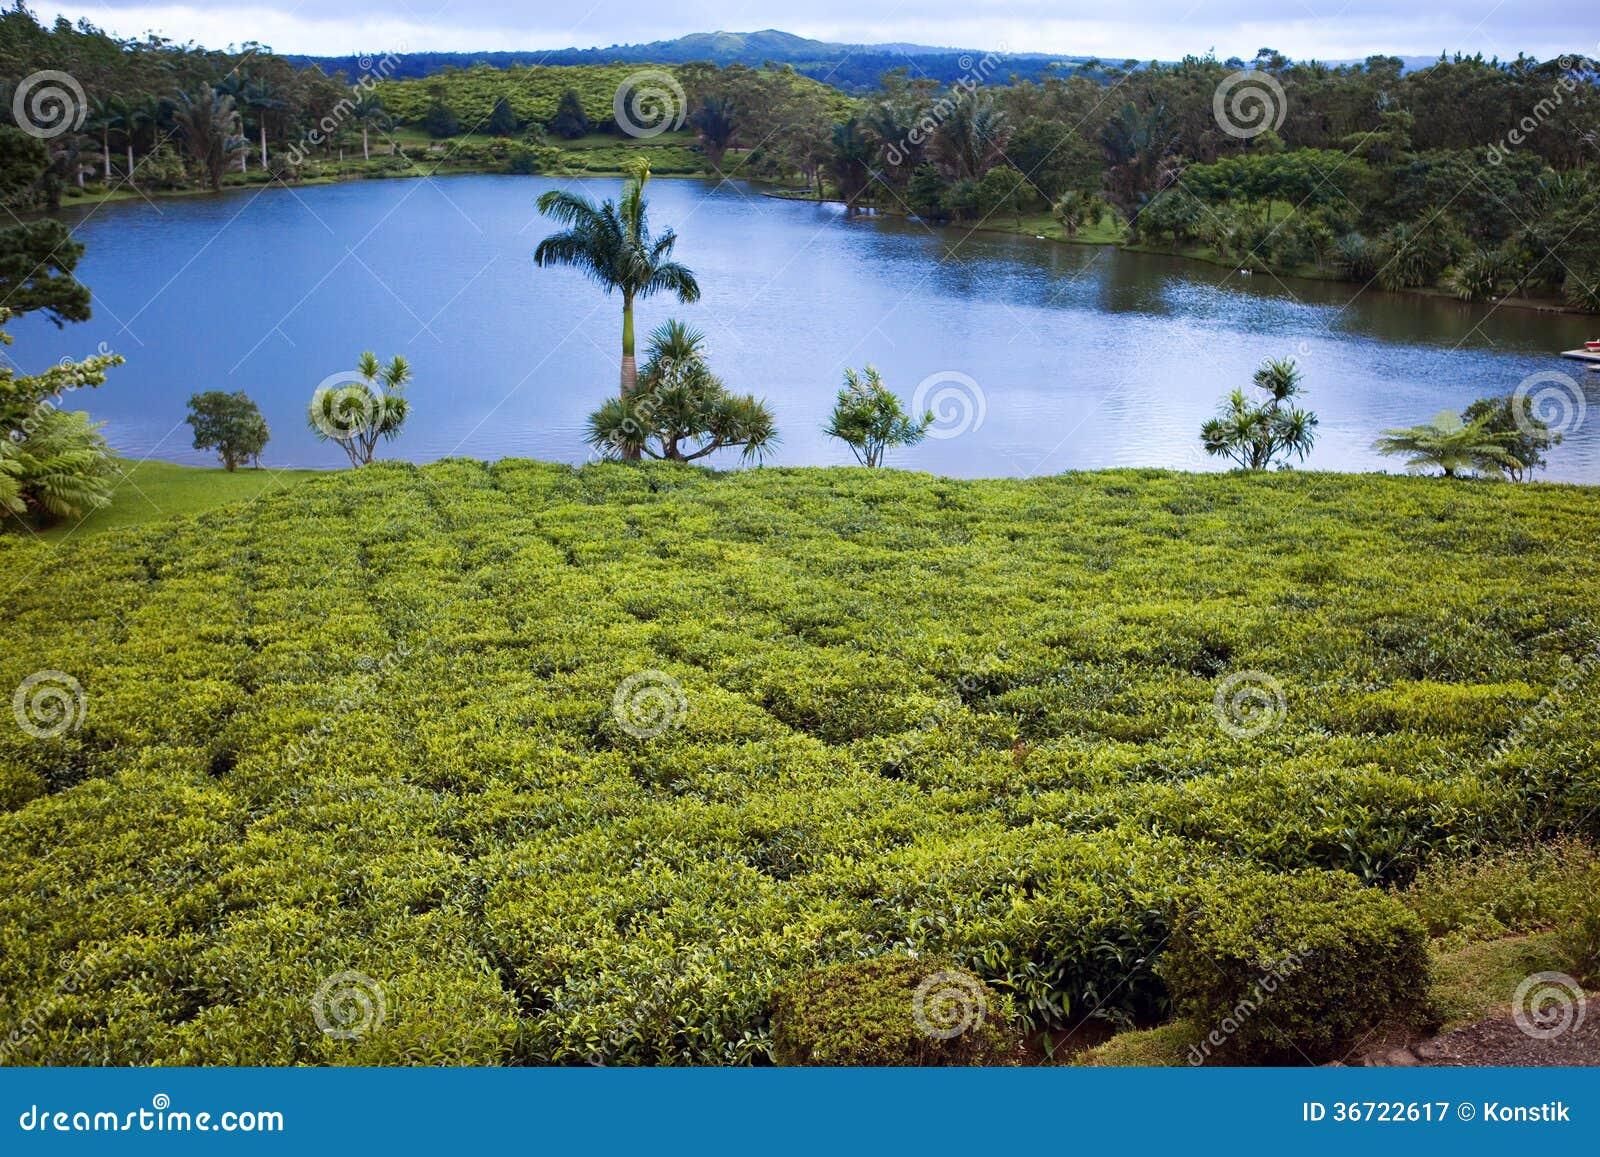 Plantation De Thé (Bois Cheri) Dans Les Collines. Ile ...